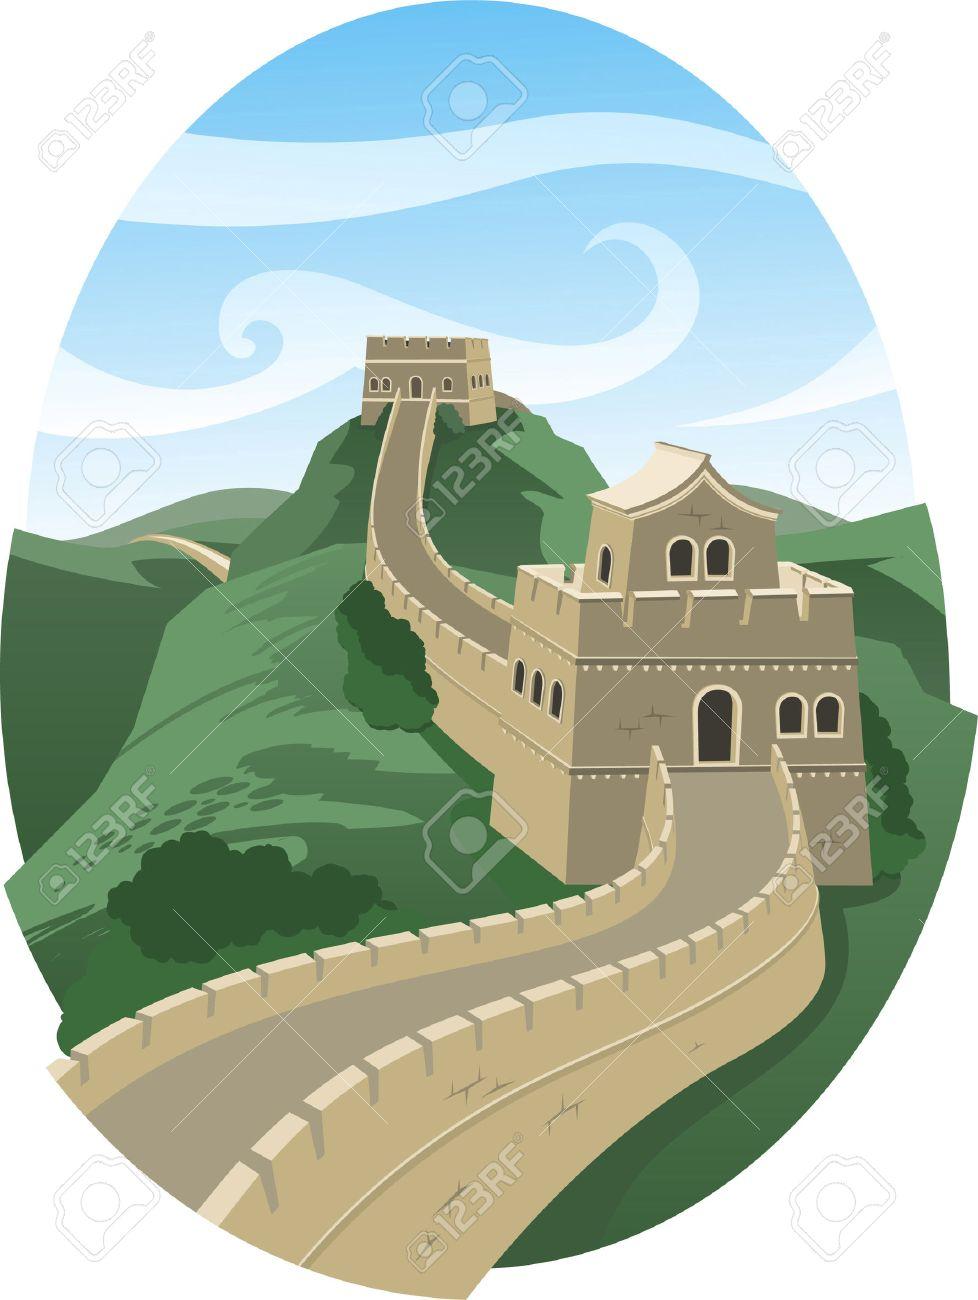 写真素材 , 万里の長城の風景イラスト